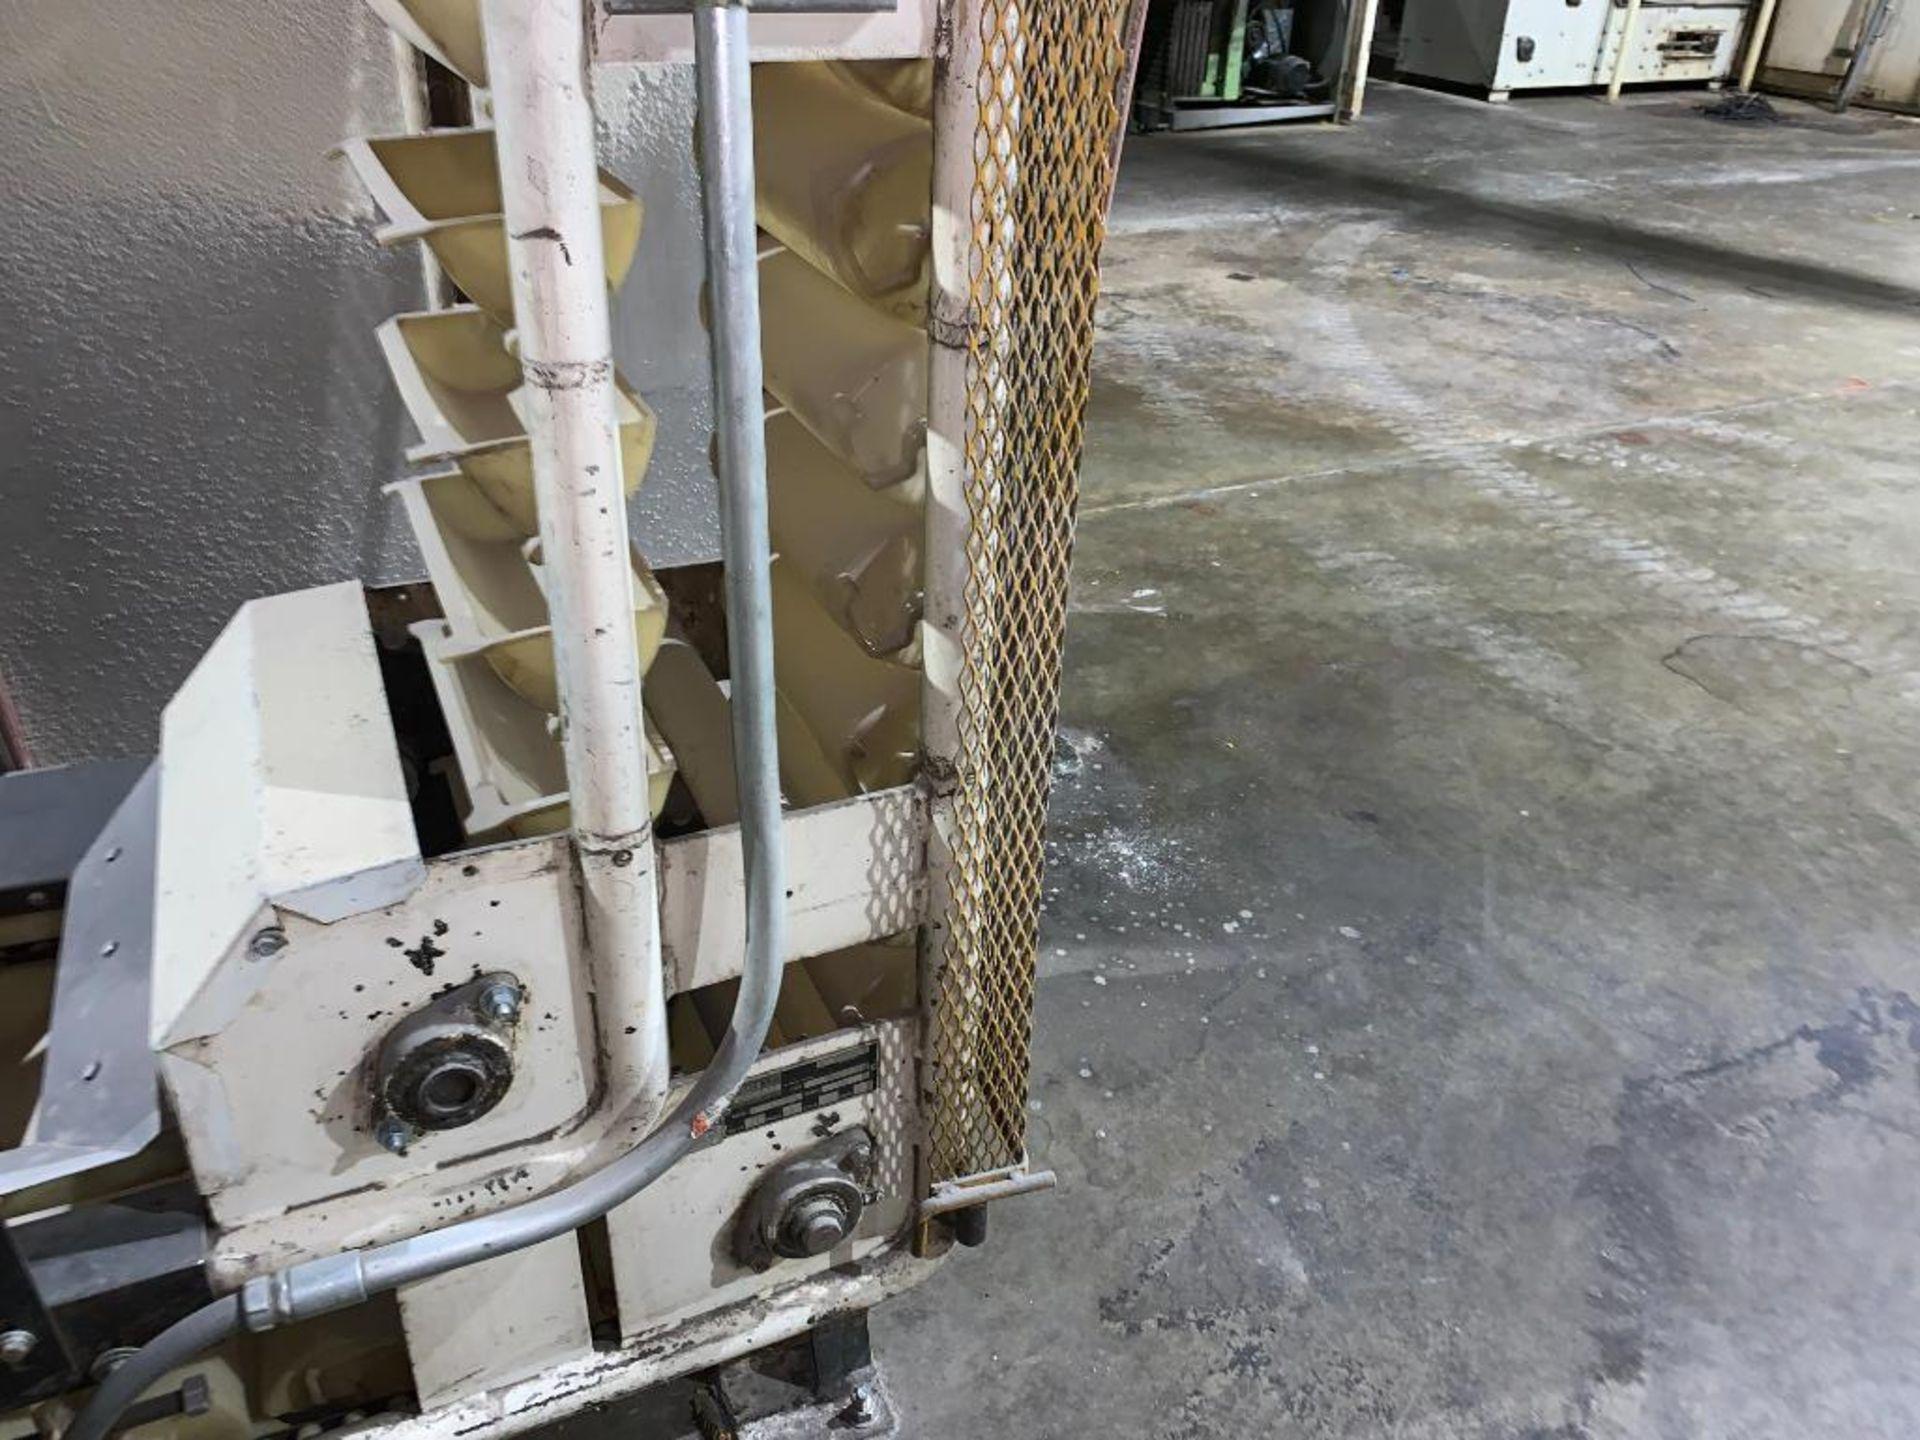 Aseeco overlapping bucket elevator - Image 2 of 11